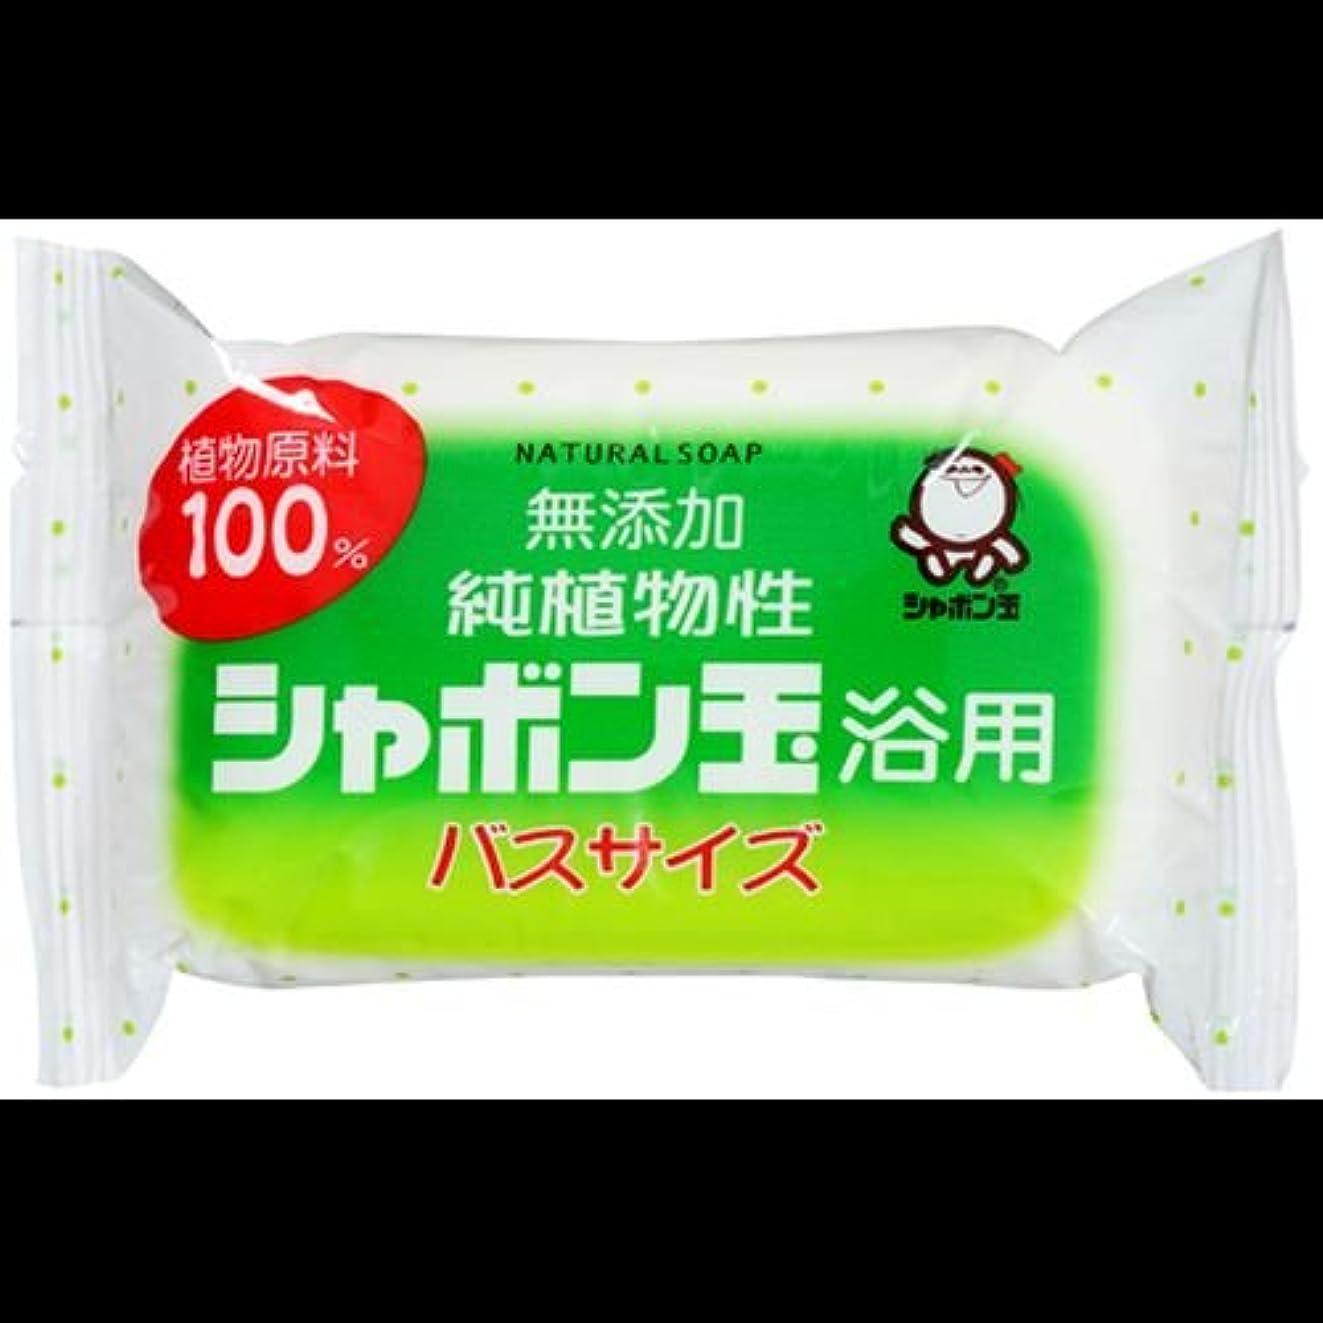 蒸留するアクセントくすぐったい【まとめ買い】純植物性シャボン玉 浴用 バスサイズ155g ×2セット